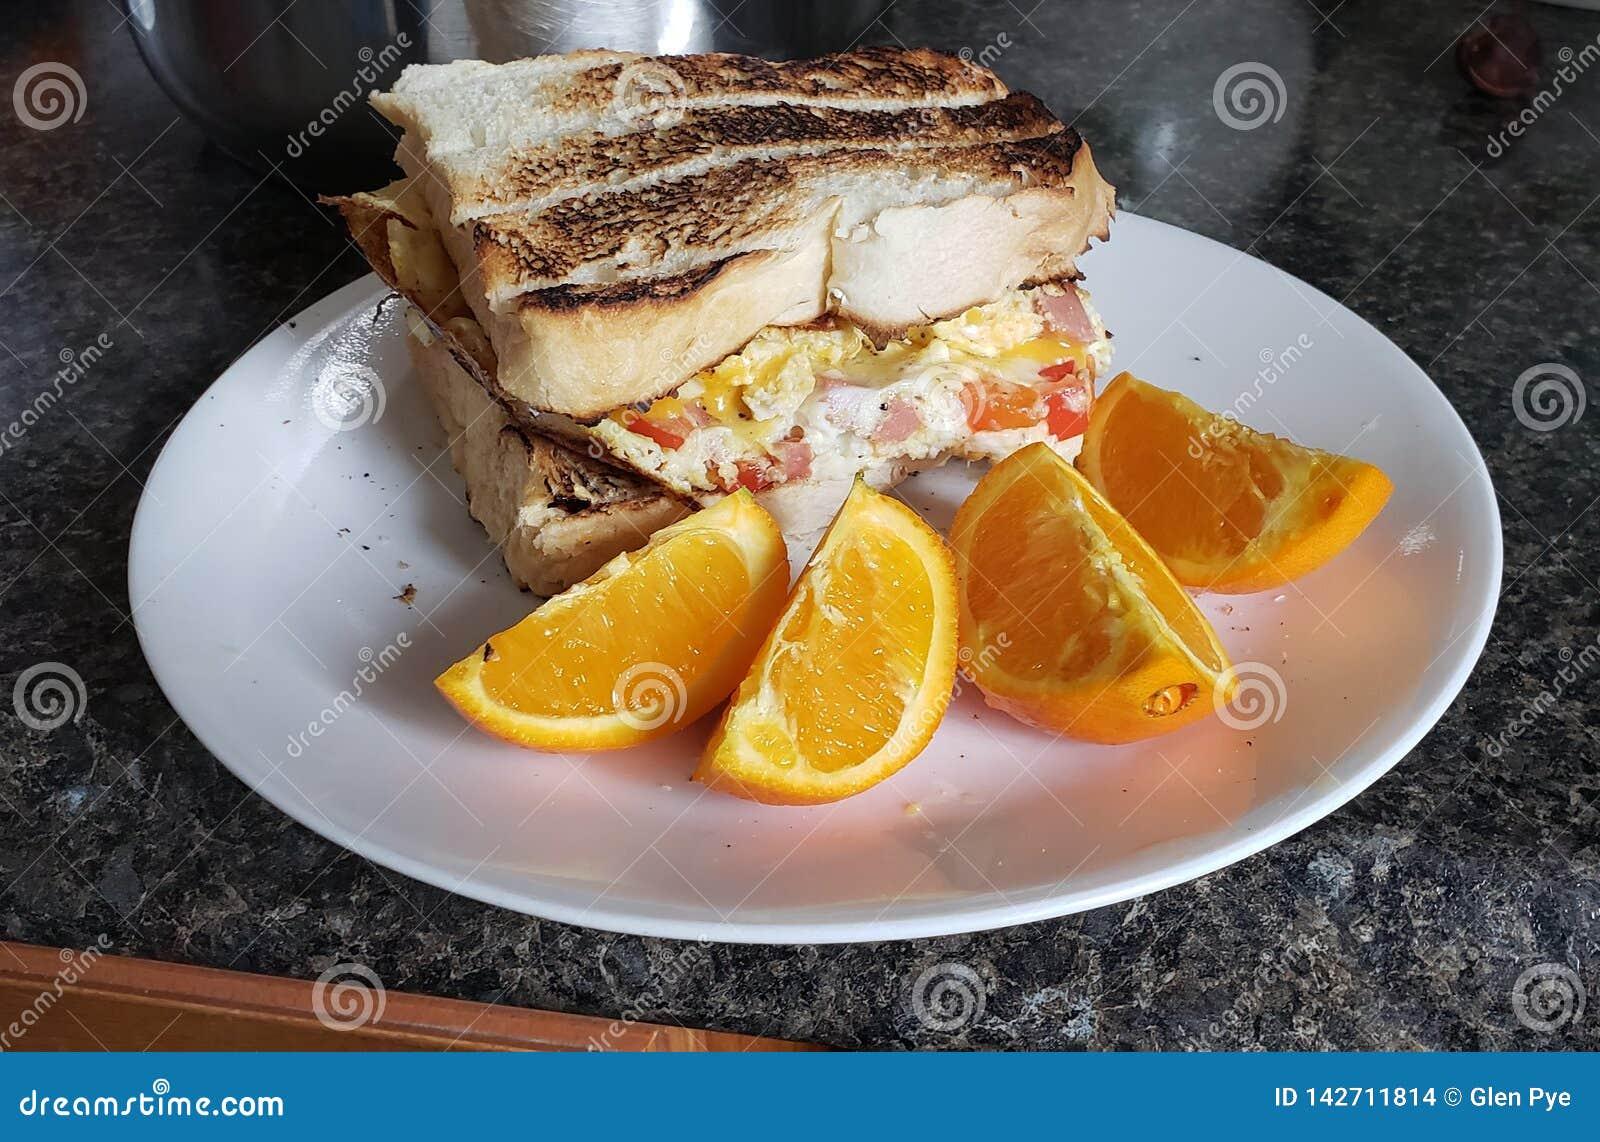 Homemade breakfast sandwich